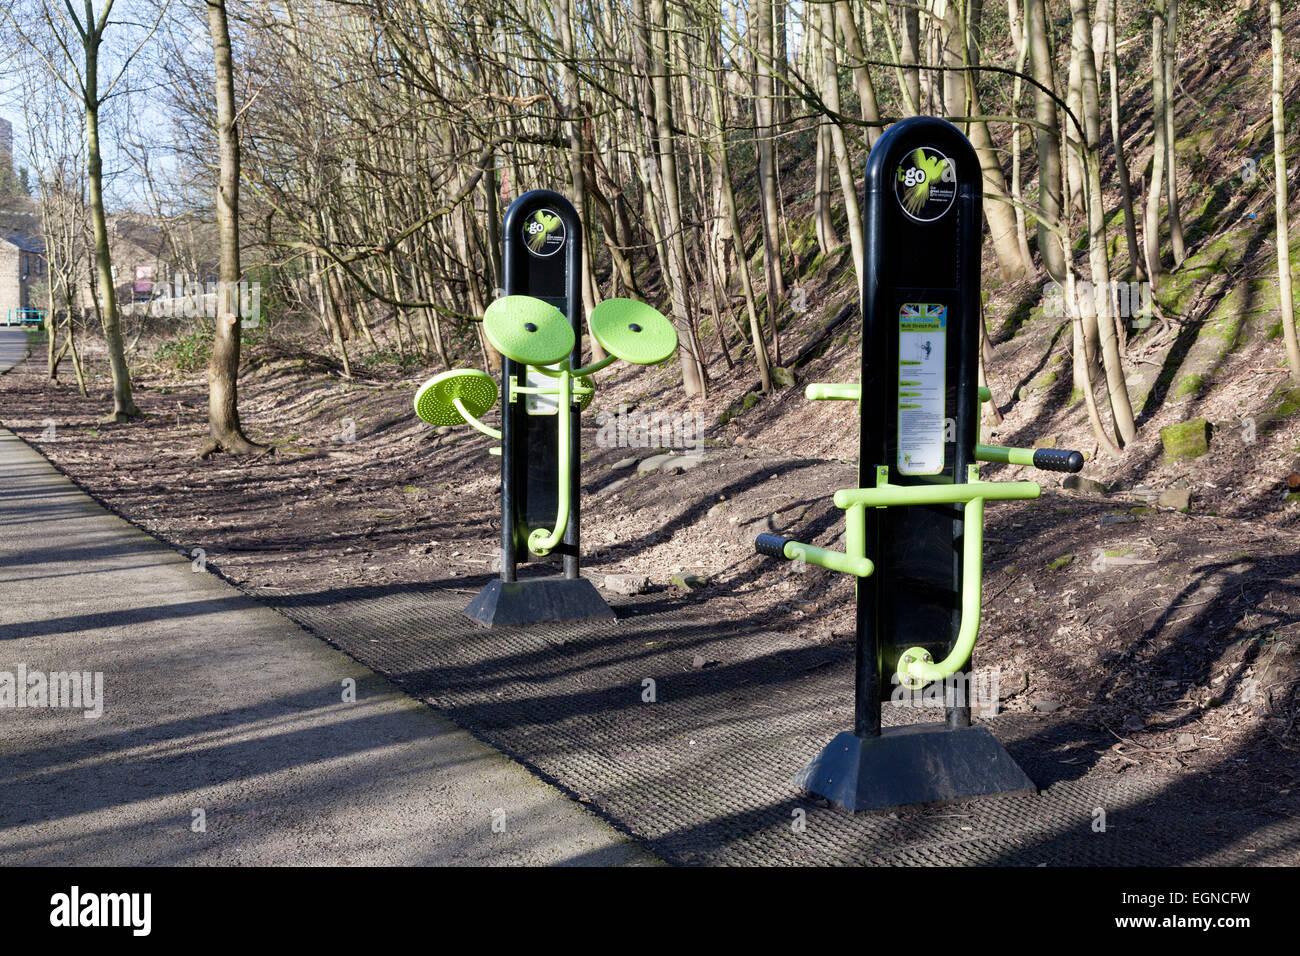 Equipo de ejercicio, junto con el rastro Hebble, Halifax, West Yorkshire Imagen De Stock